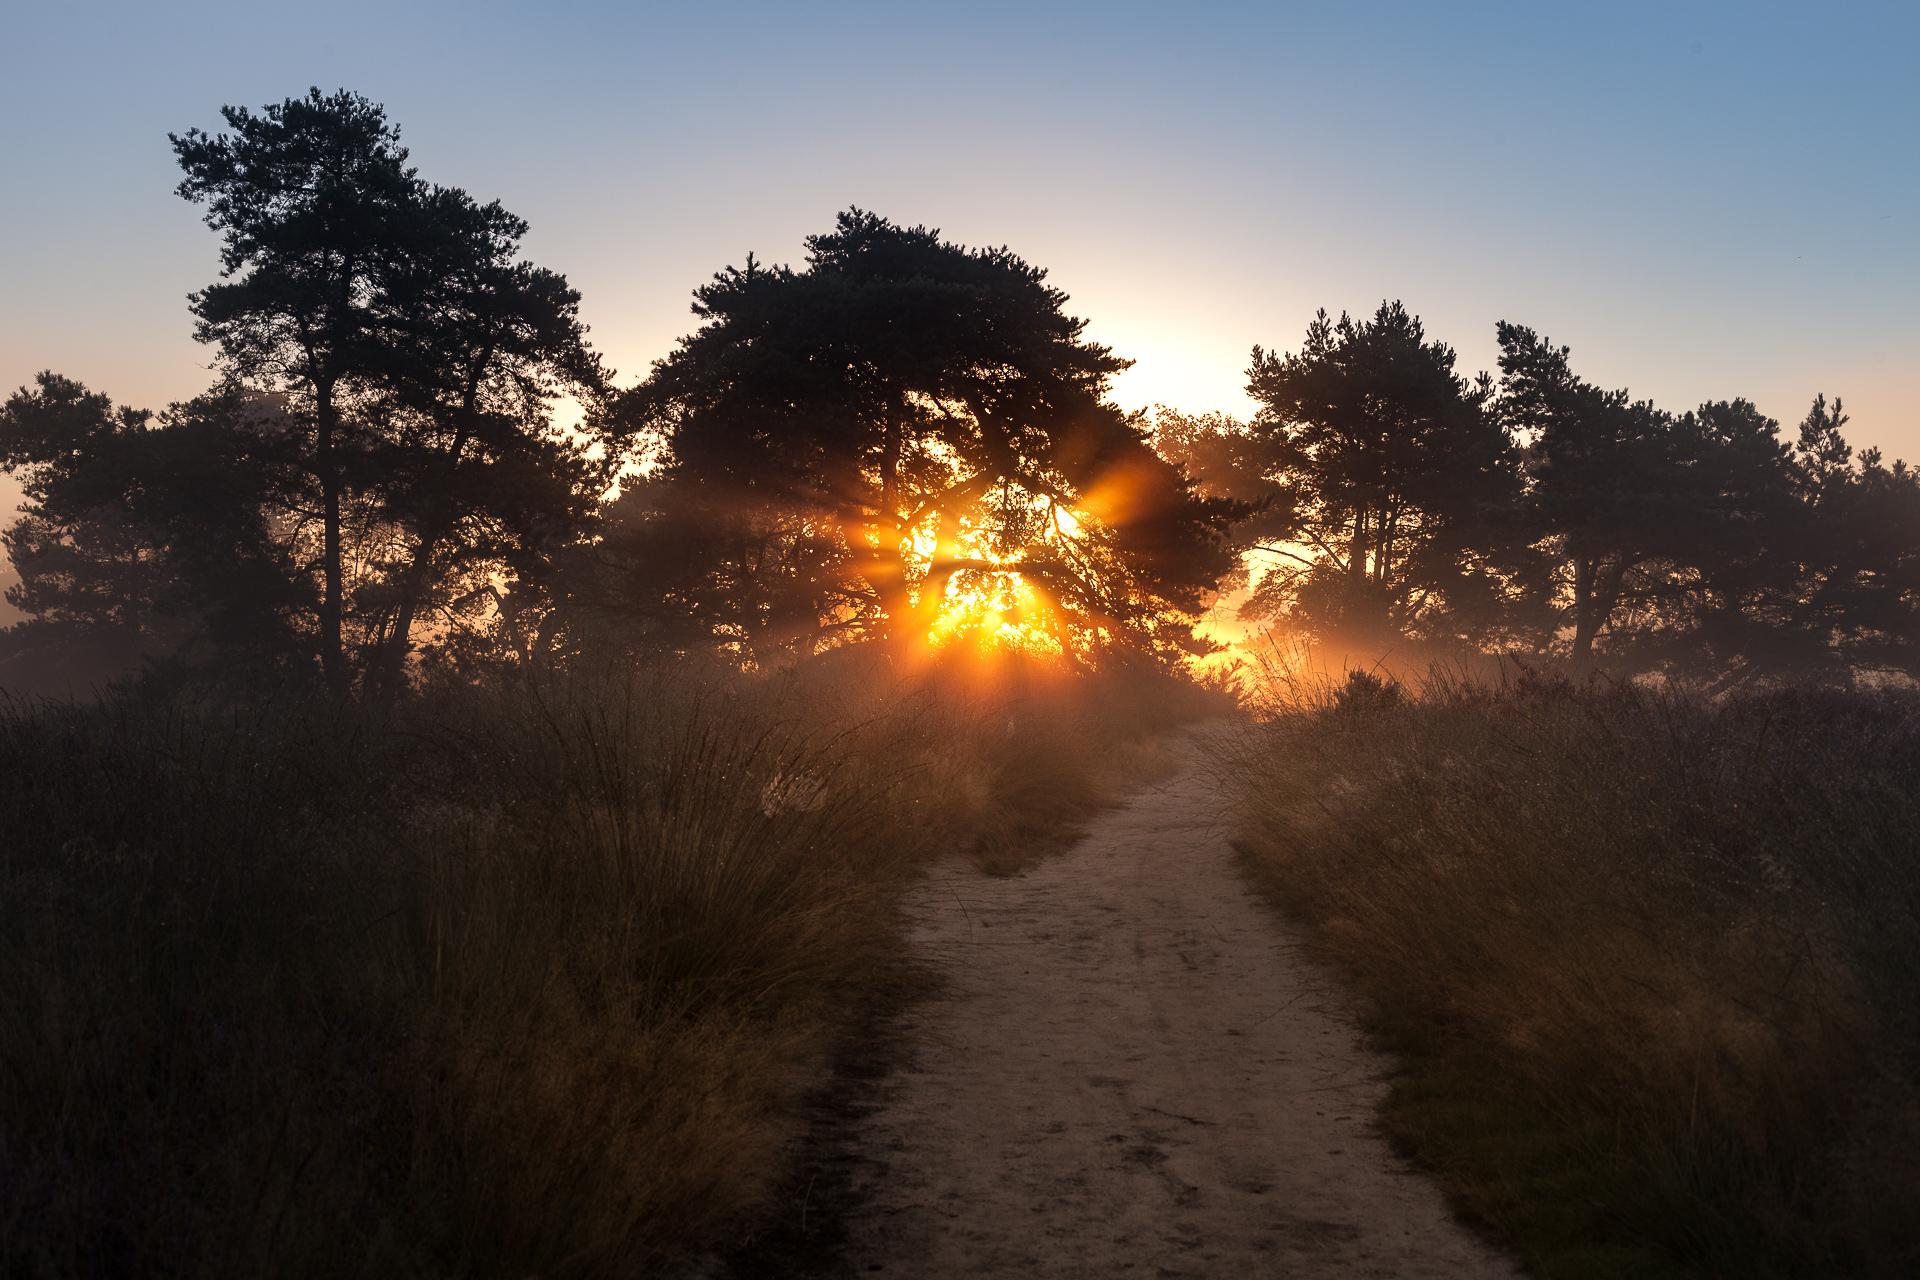 Landschapsfotografie zonlicht door bomen